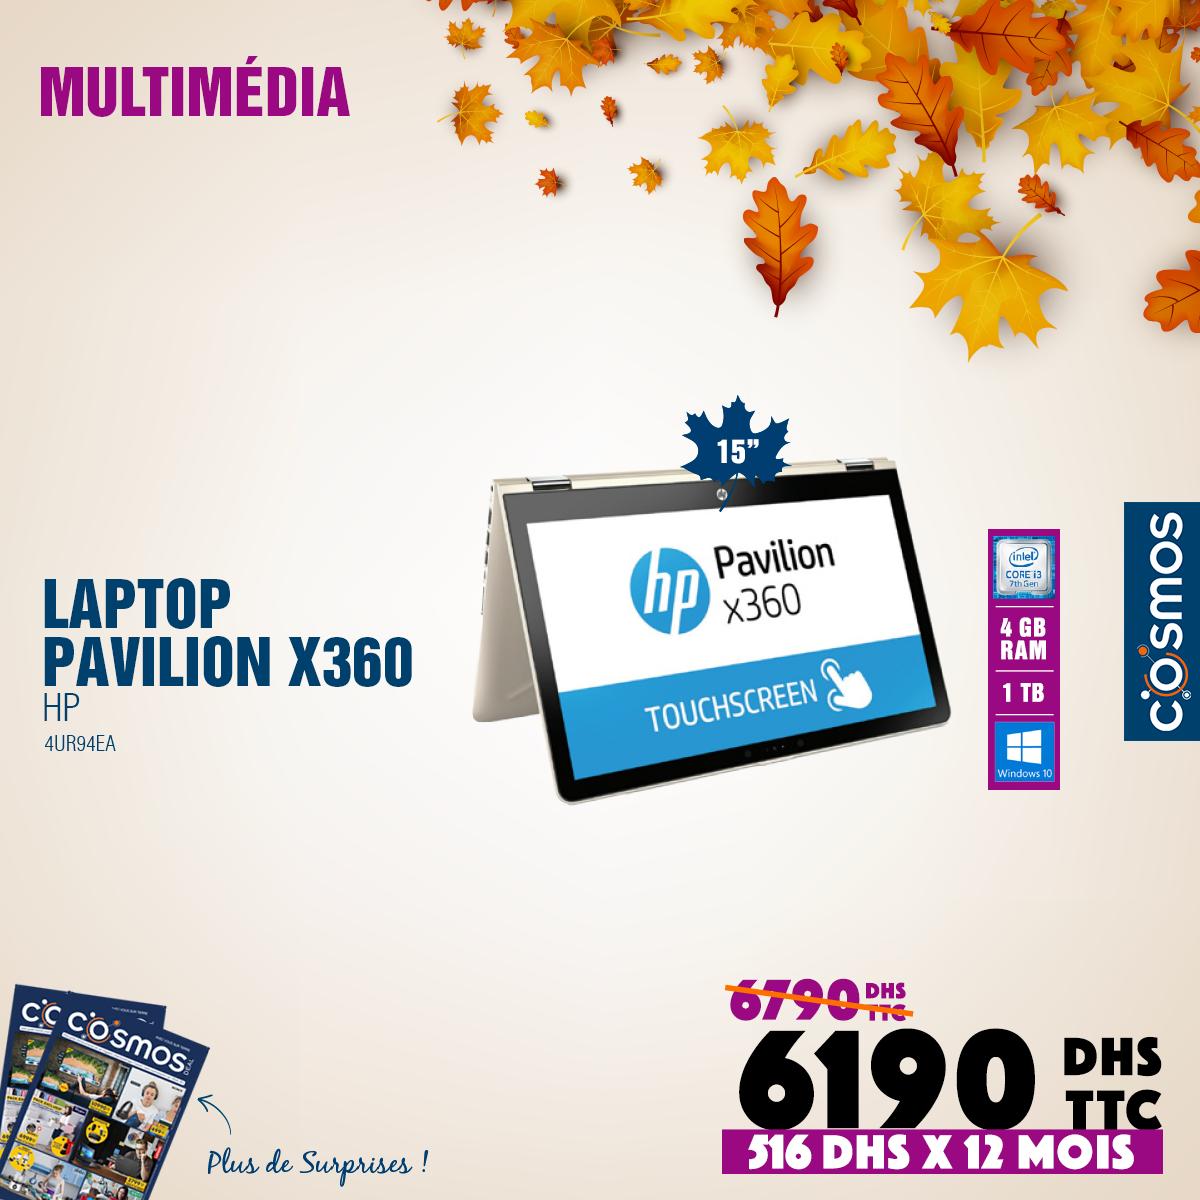 Promo Cosmos Electro Laptop HP Pavilion x360 6190Dhs au lieu de 6790Dhs